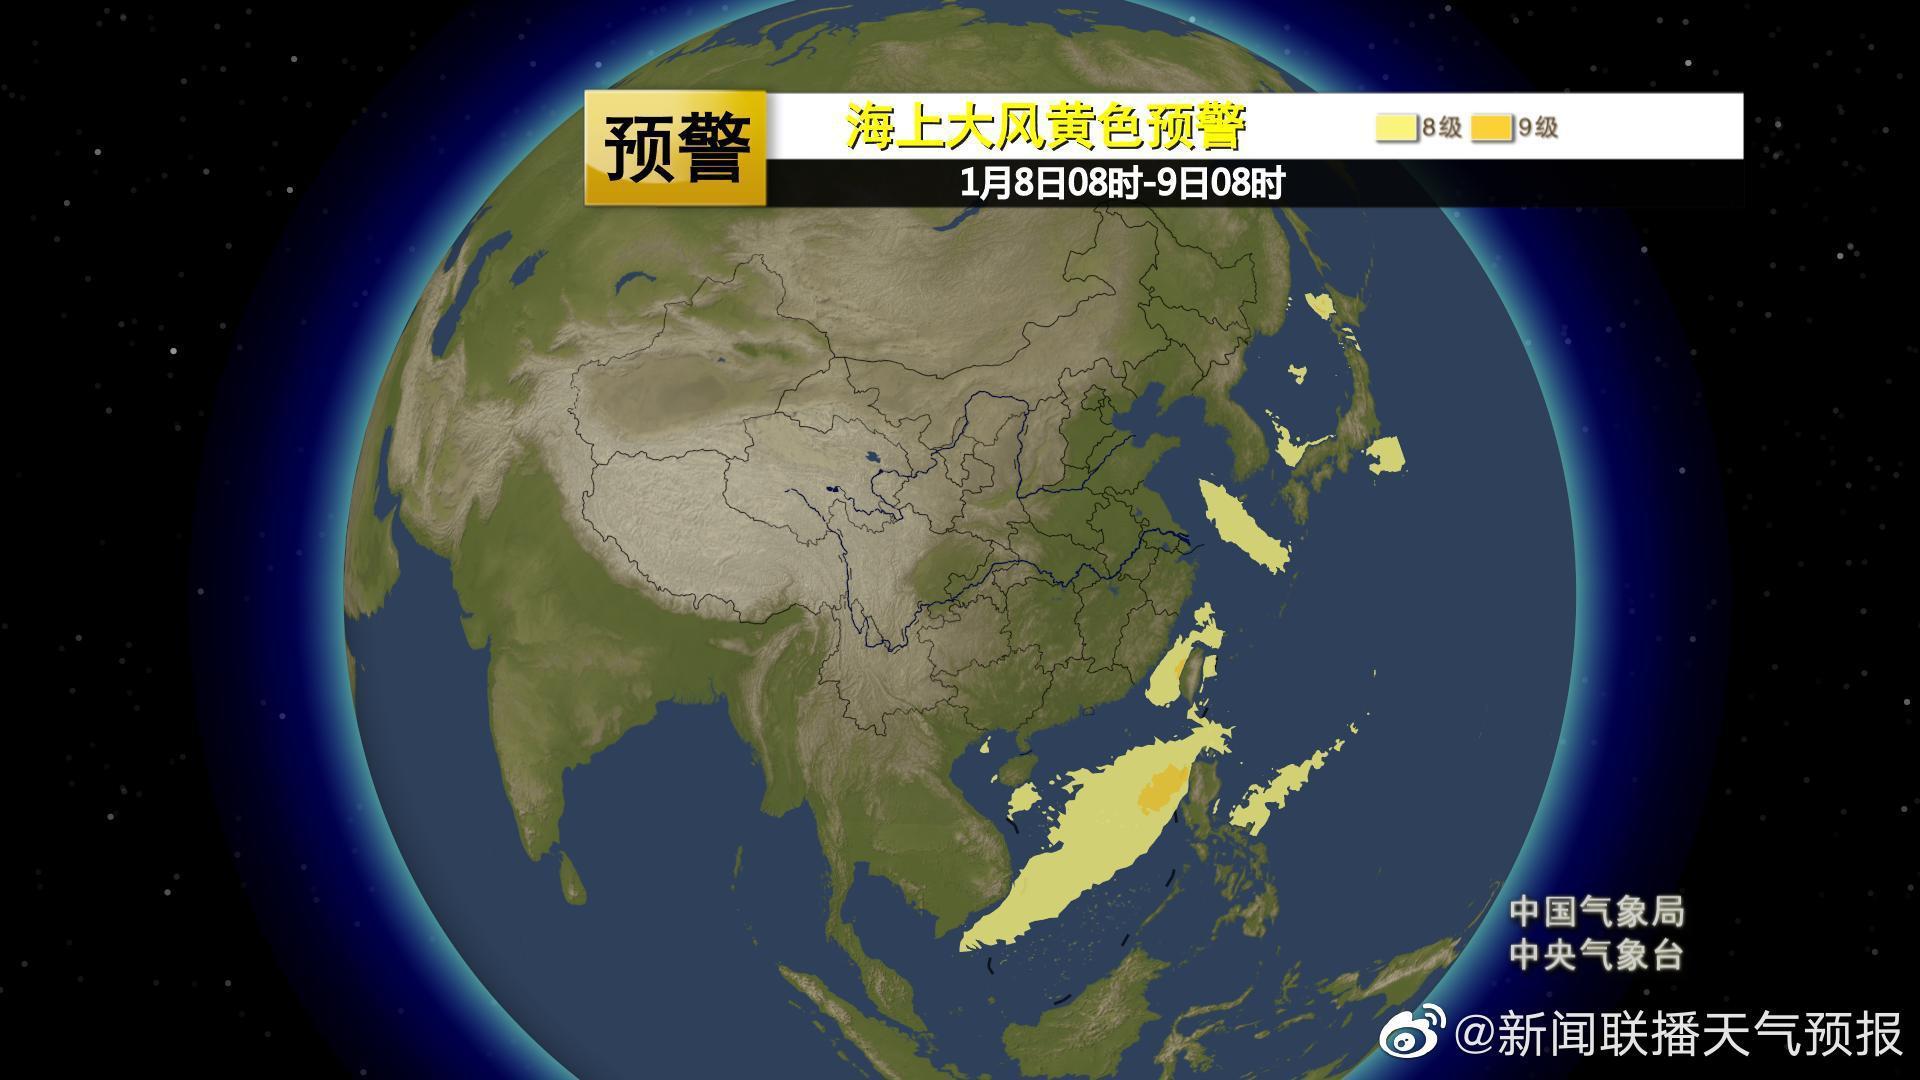 今天,我国陆地上天气恢复平静,天气晴冷,不过黄海南部、东海、台湾海峡、台湾以东洋面、巴士海峡、南海大部风大